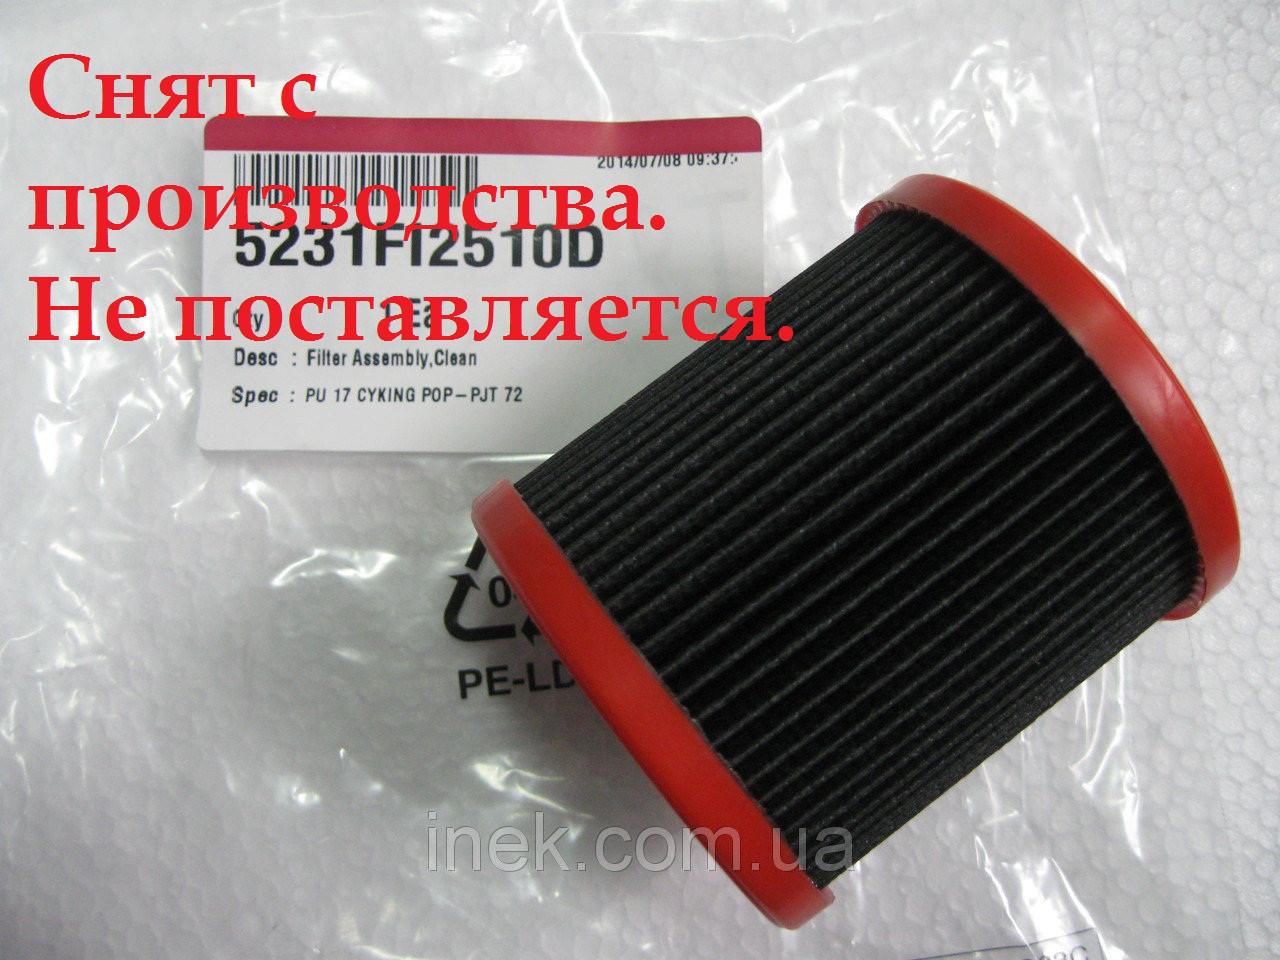 Фильтр пылесоса LG V-C7271HTU, 5231FI2510D